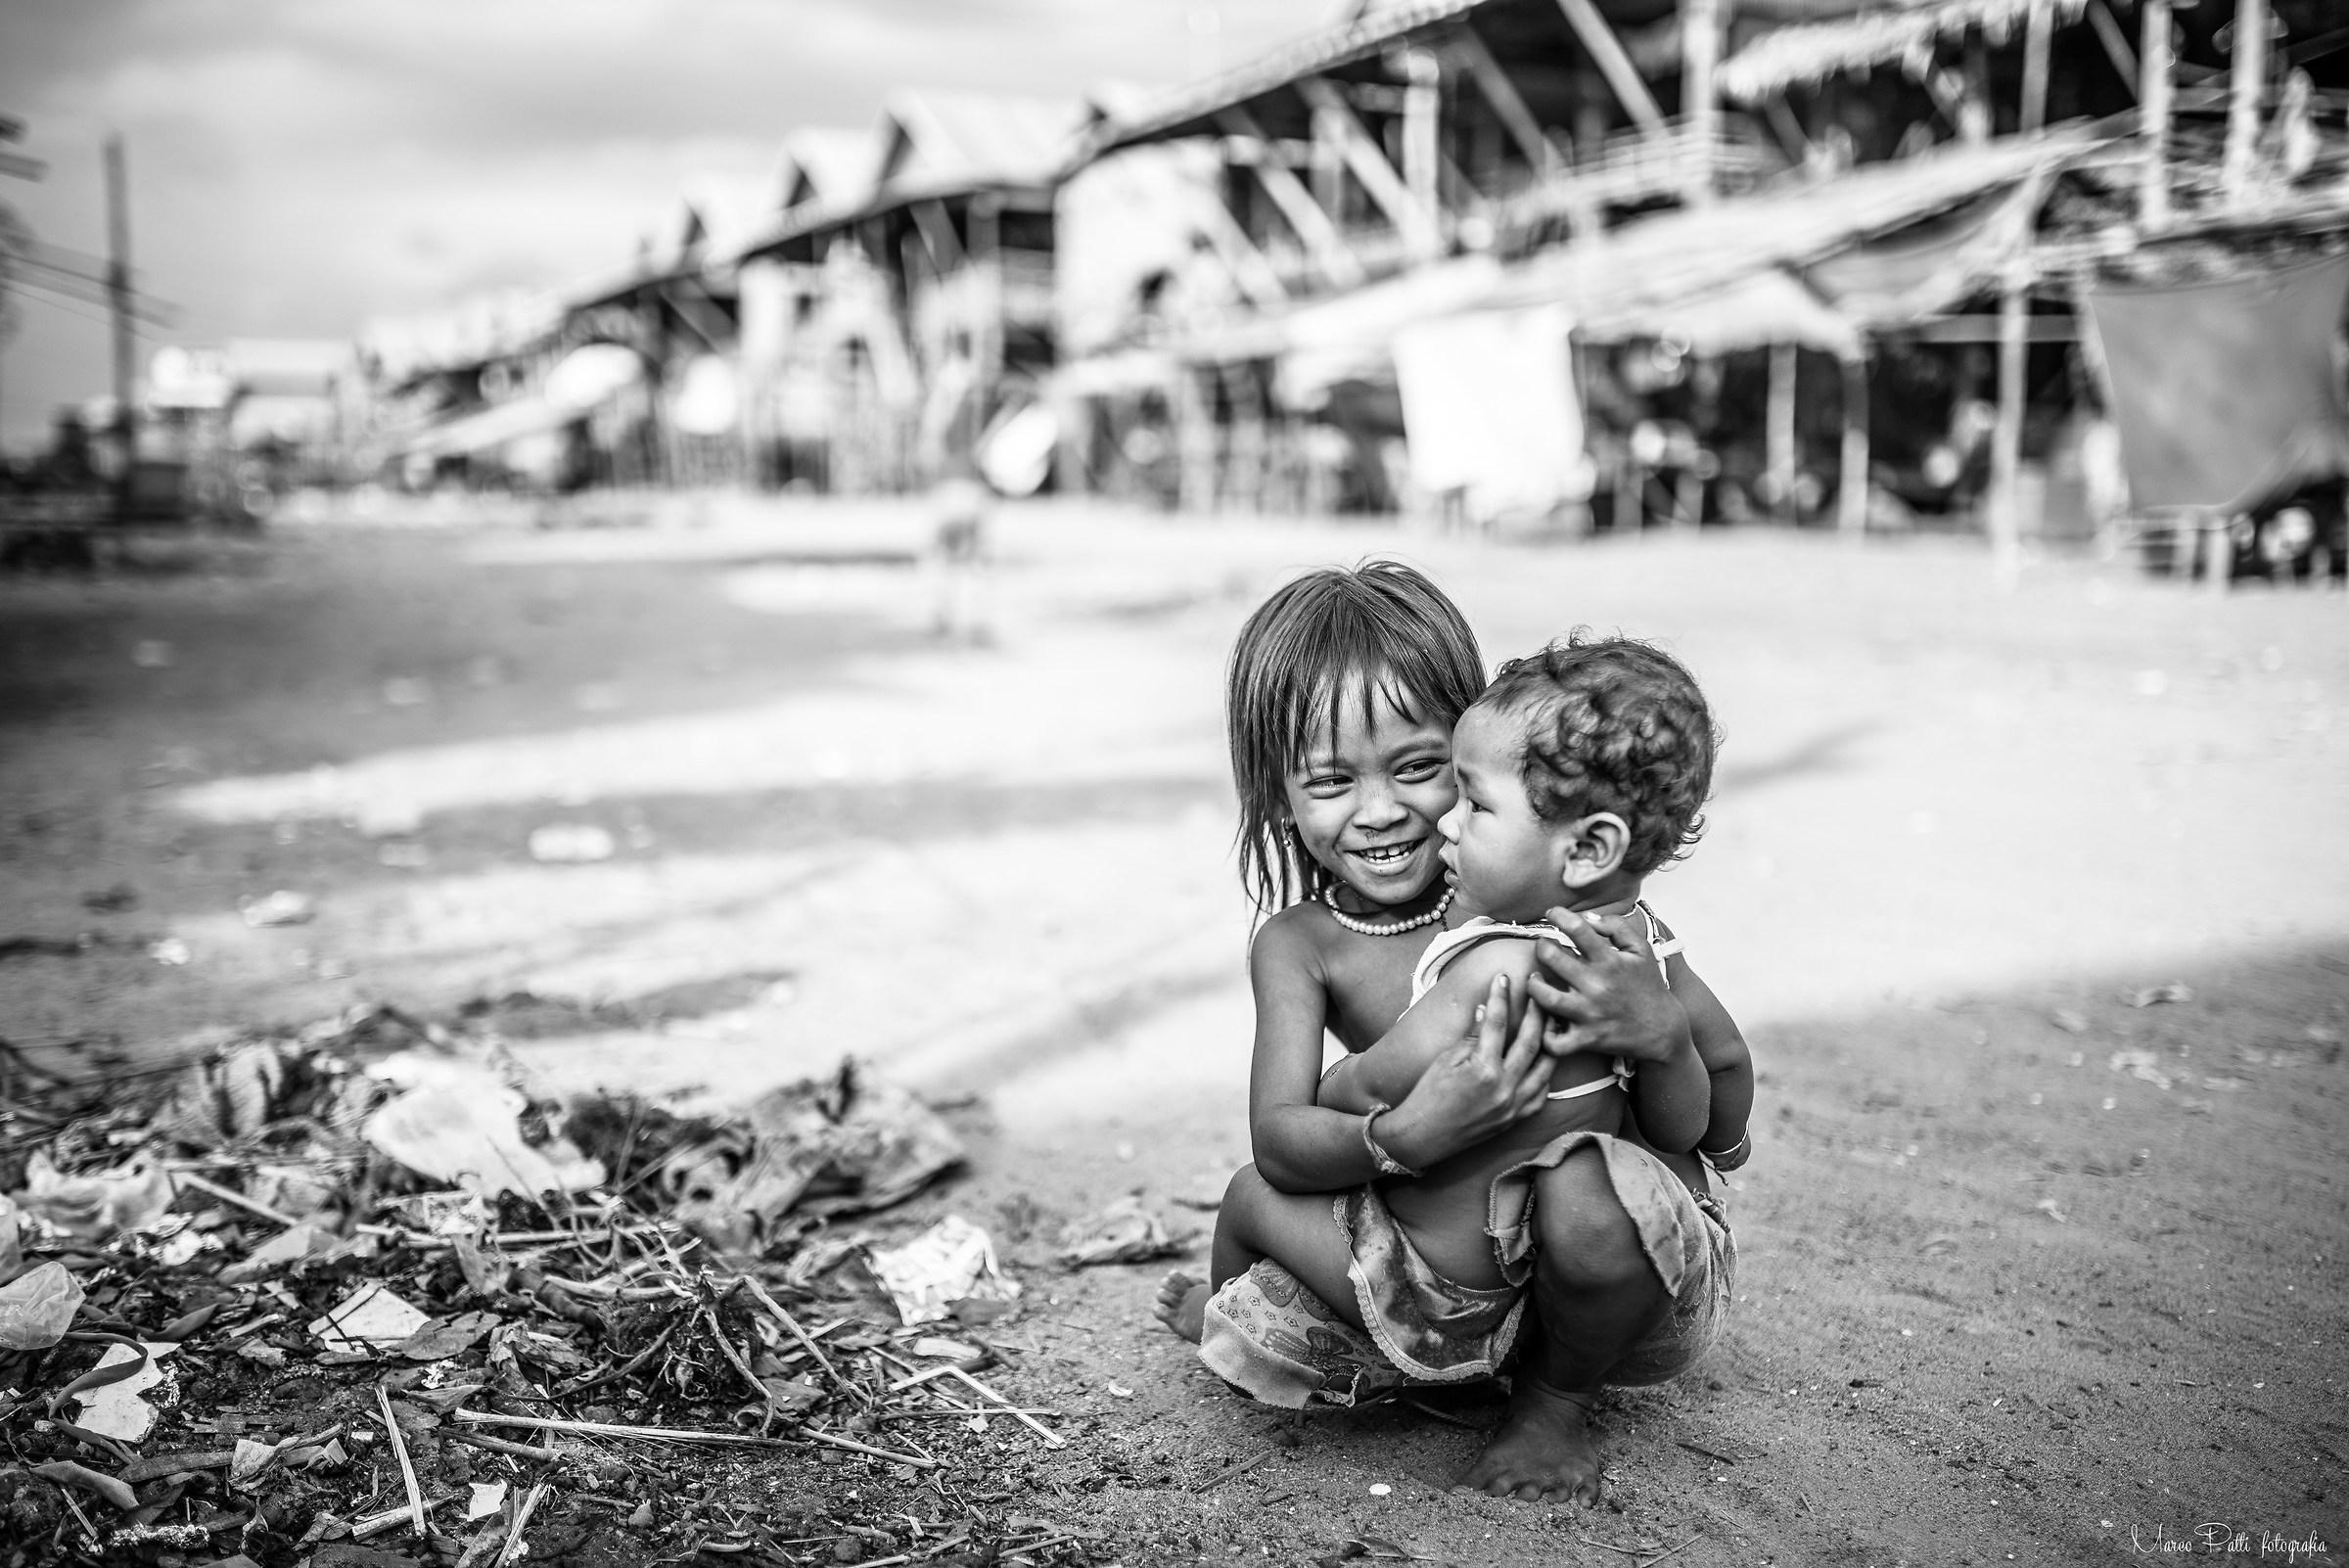 La felicità negli occhi di chi non ha nulla...